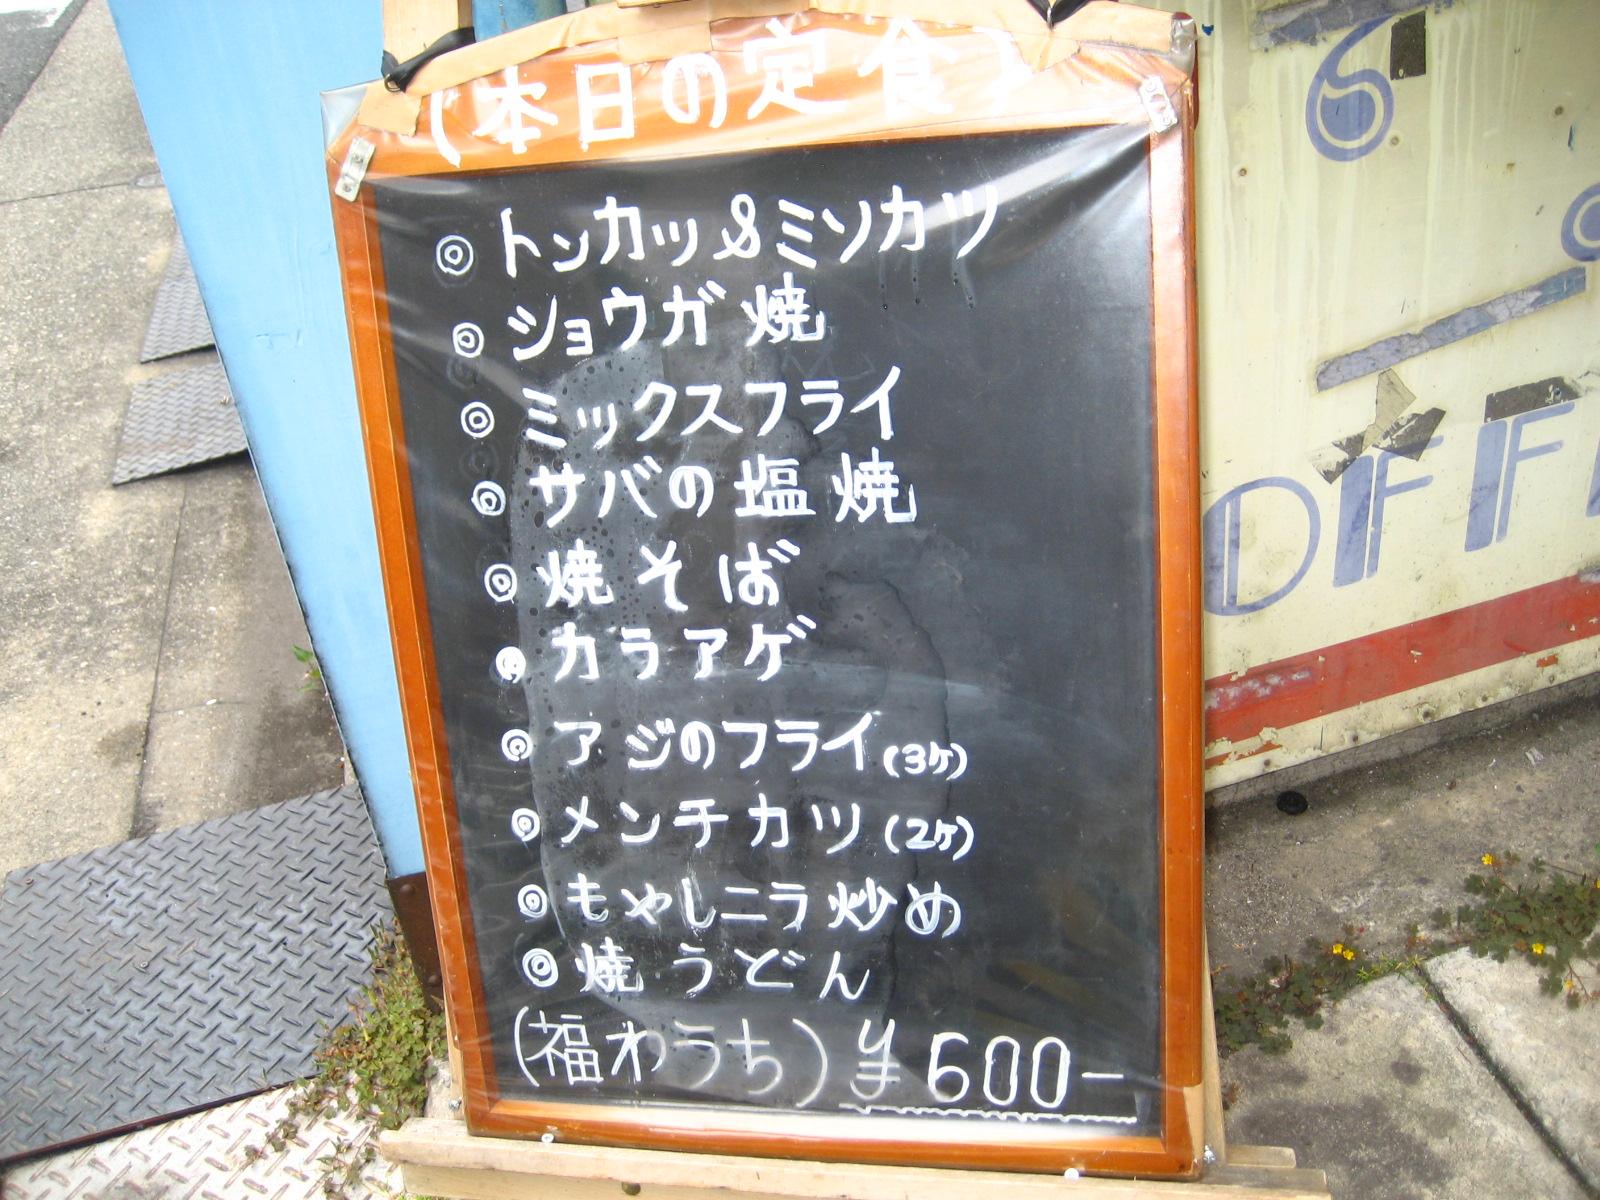 桜山、瑞穂・昭和区、名古屋の発信情報:2010年05月 - livedoor Blog ...